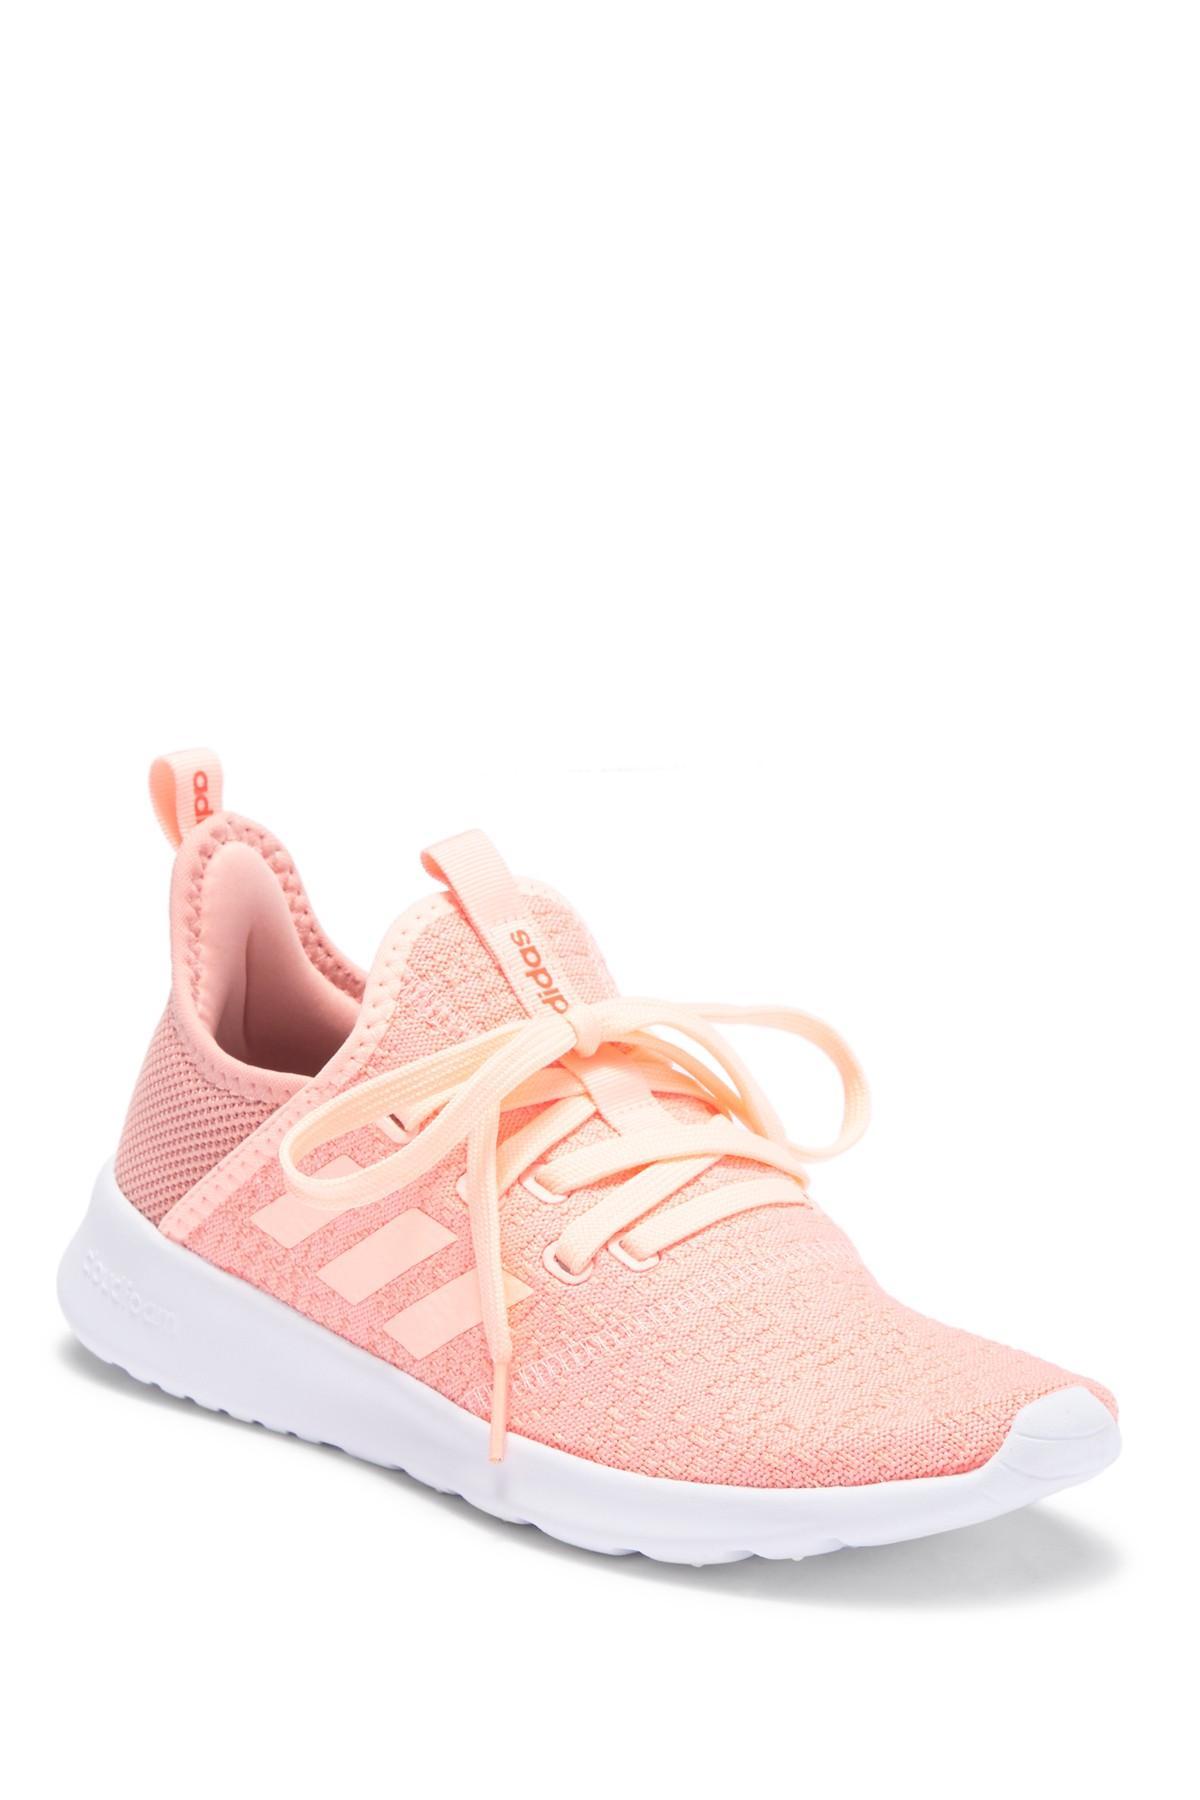 e78d91c8f846ae Lyst - adidas Cloudfoam Pure Sneaker in Pink